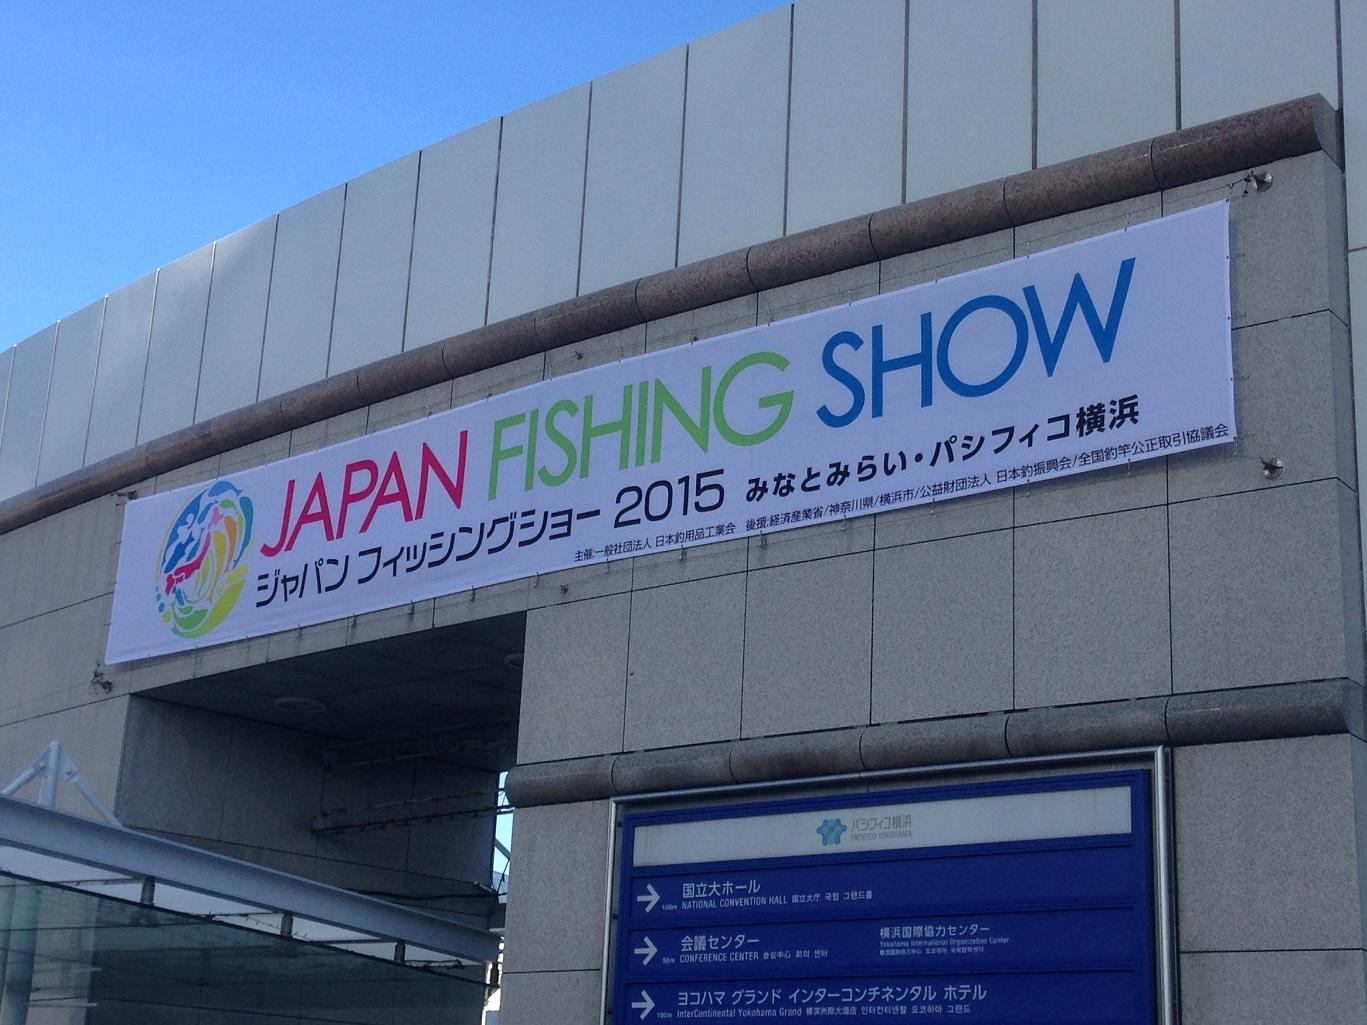 2015年02月01日 みなとみらい, パシフィコ横浜, ジャパンフィッシングショー